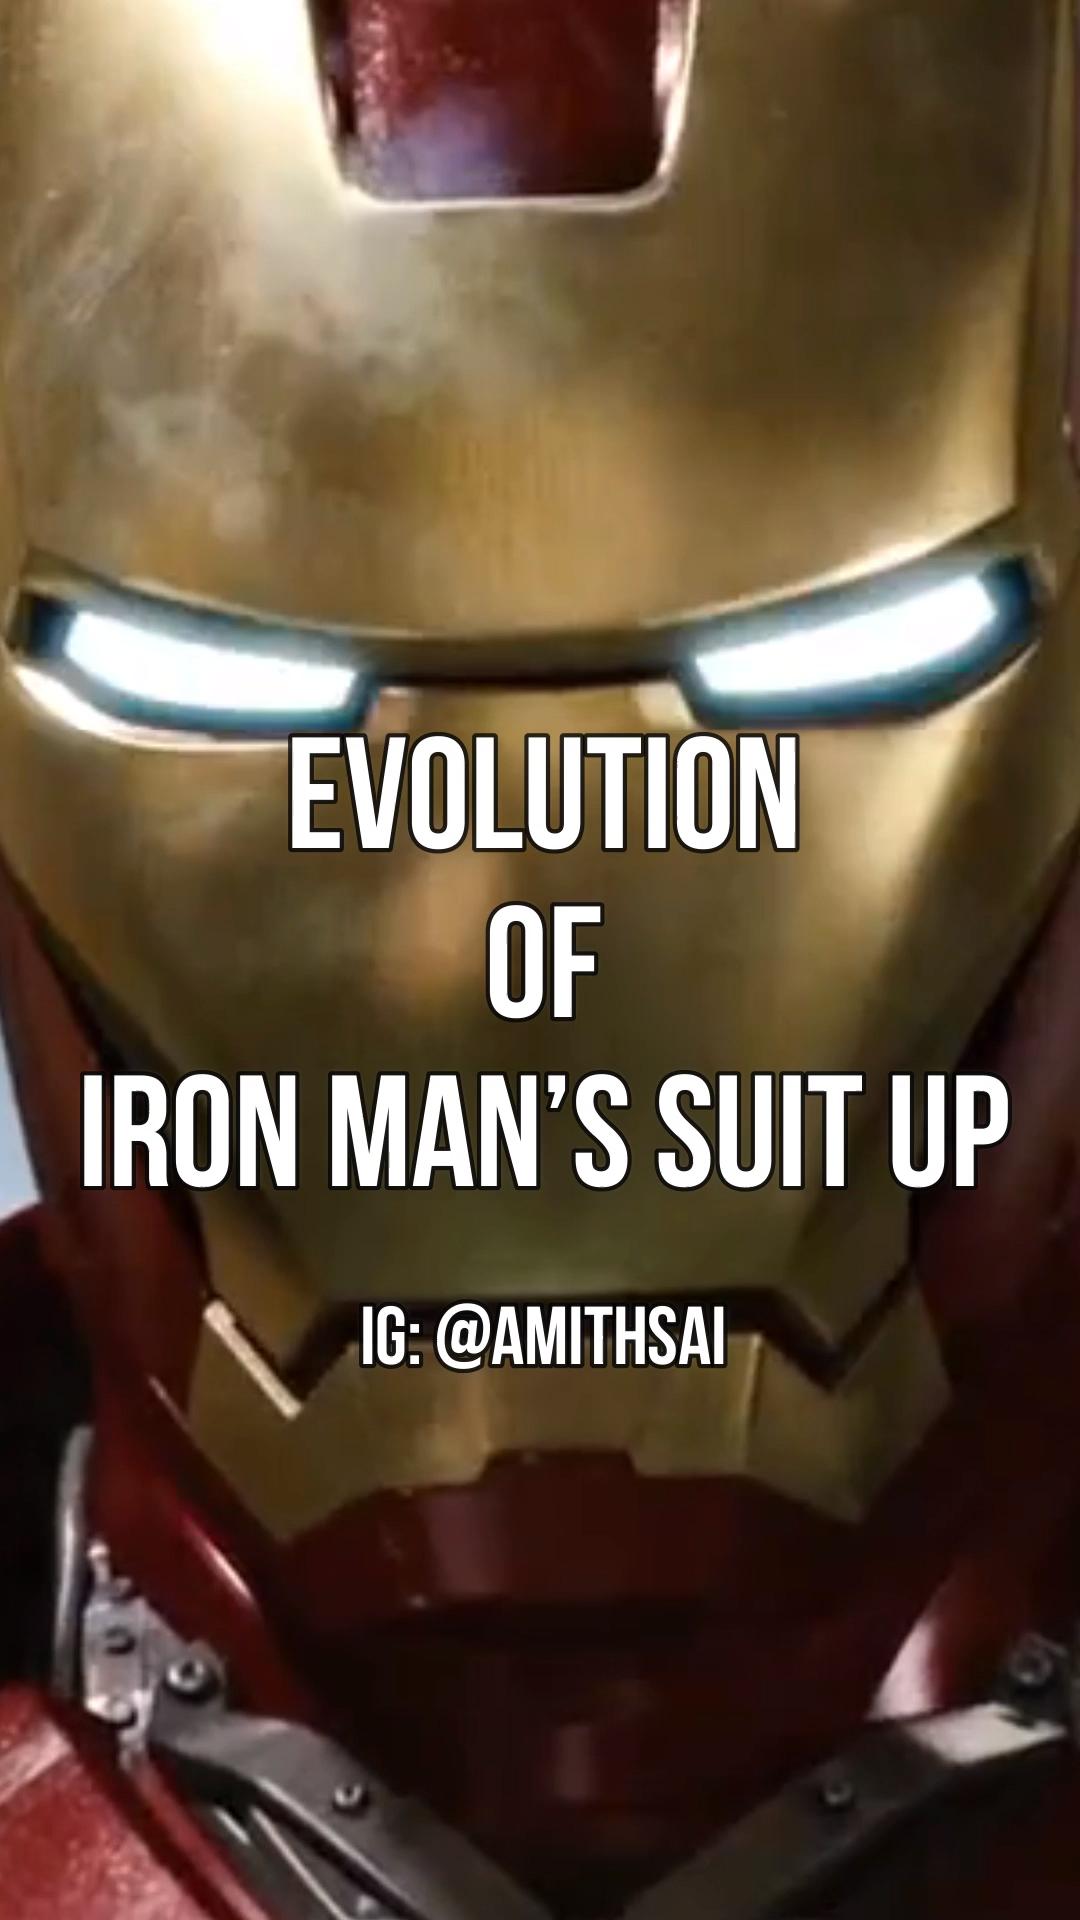 Evolution of Iron Man's suit ups | Iron Man Edit | Iron Man Whatsapp Status